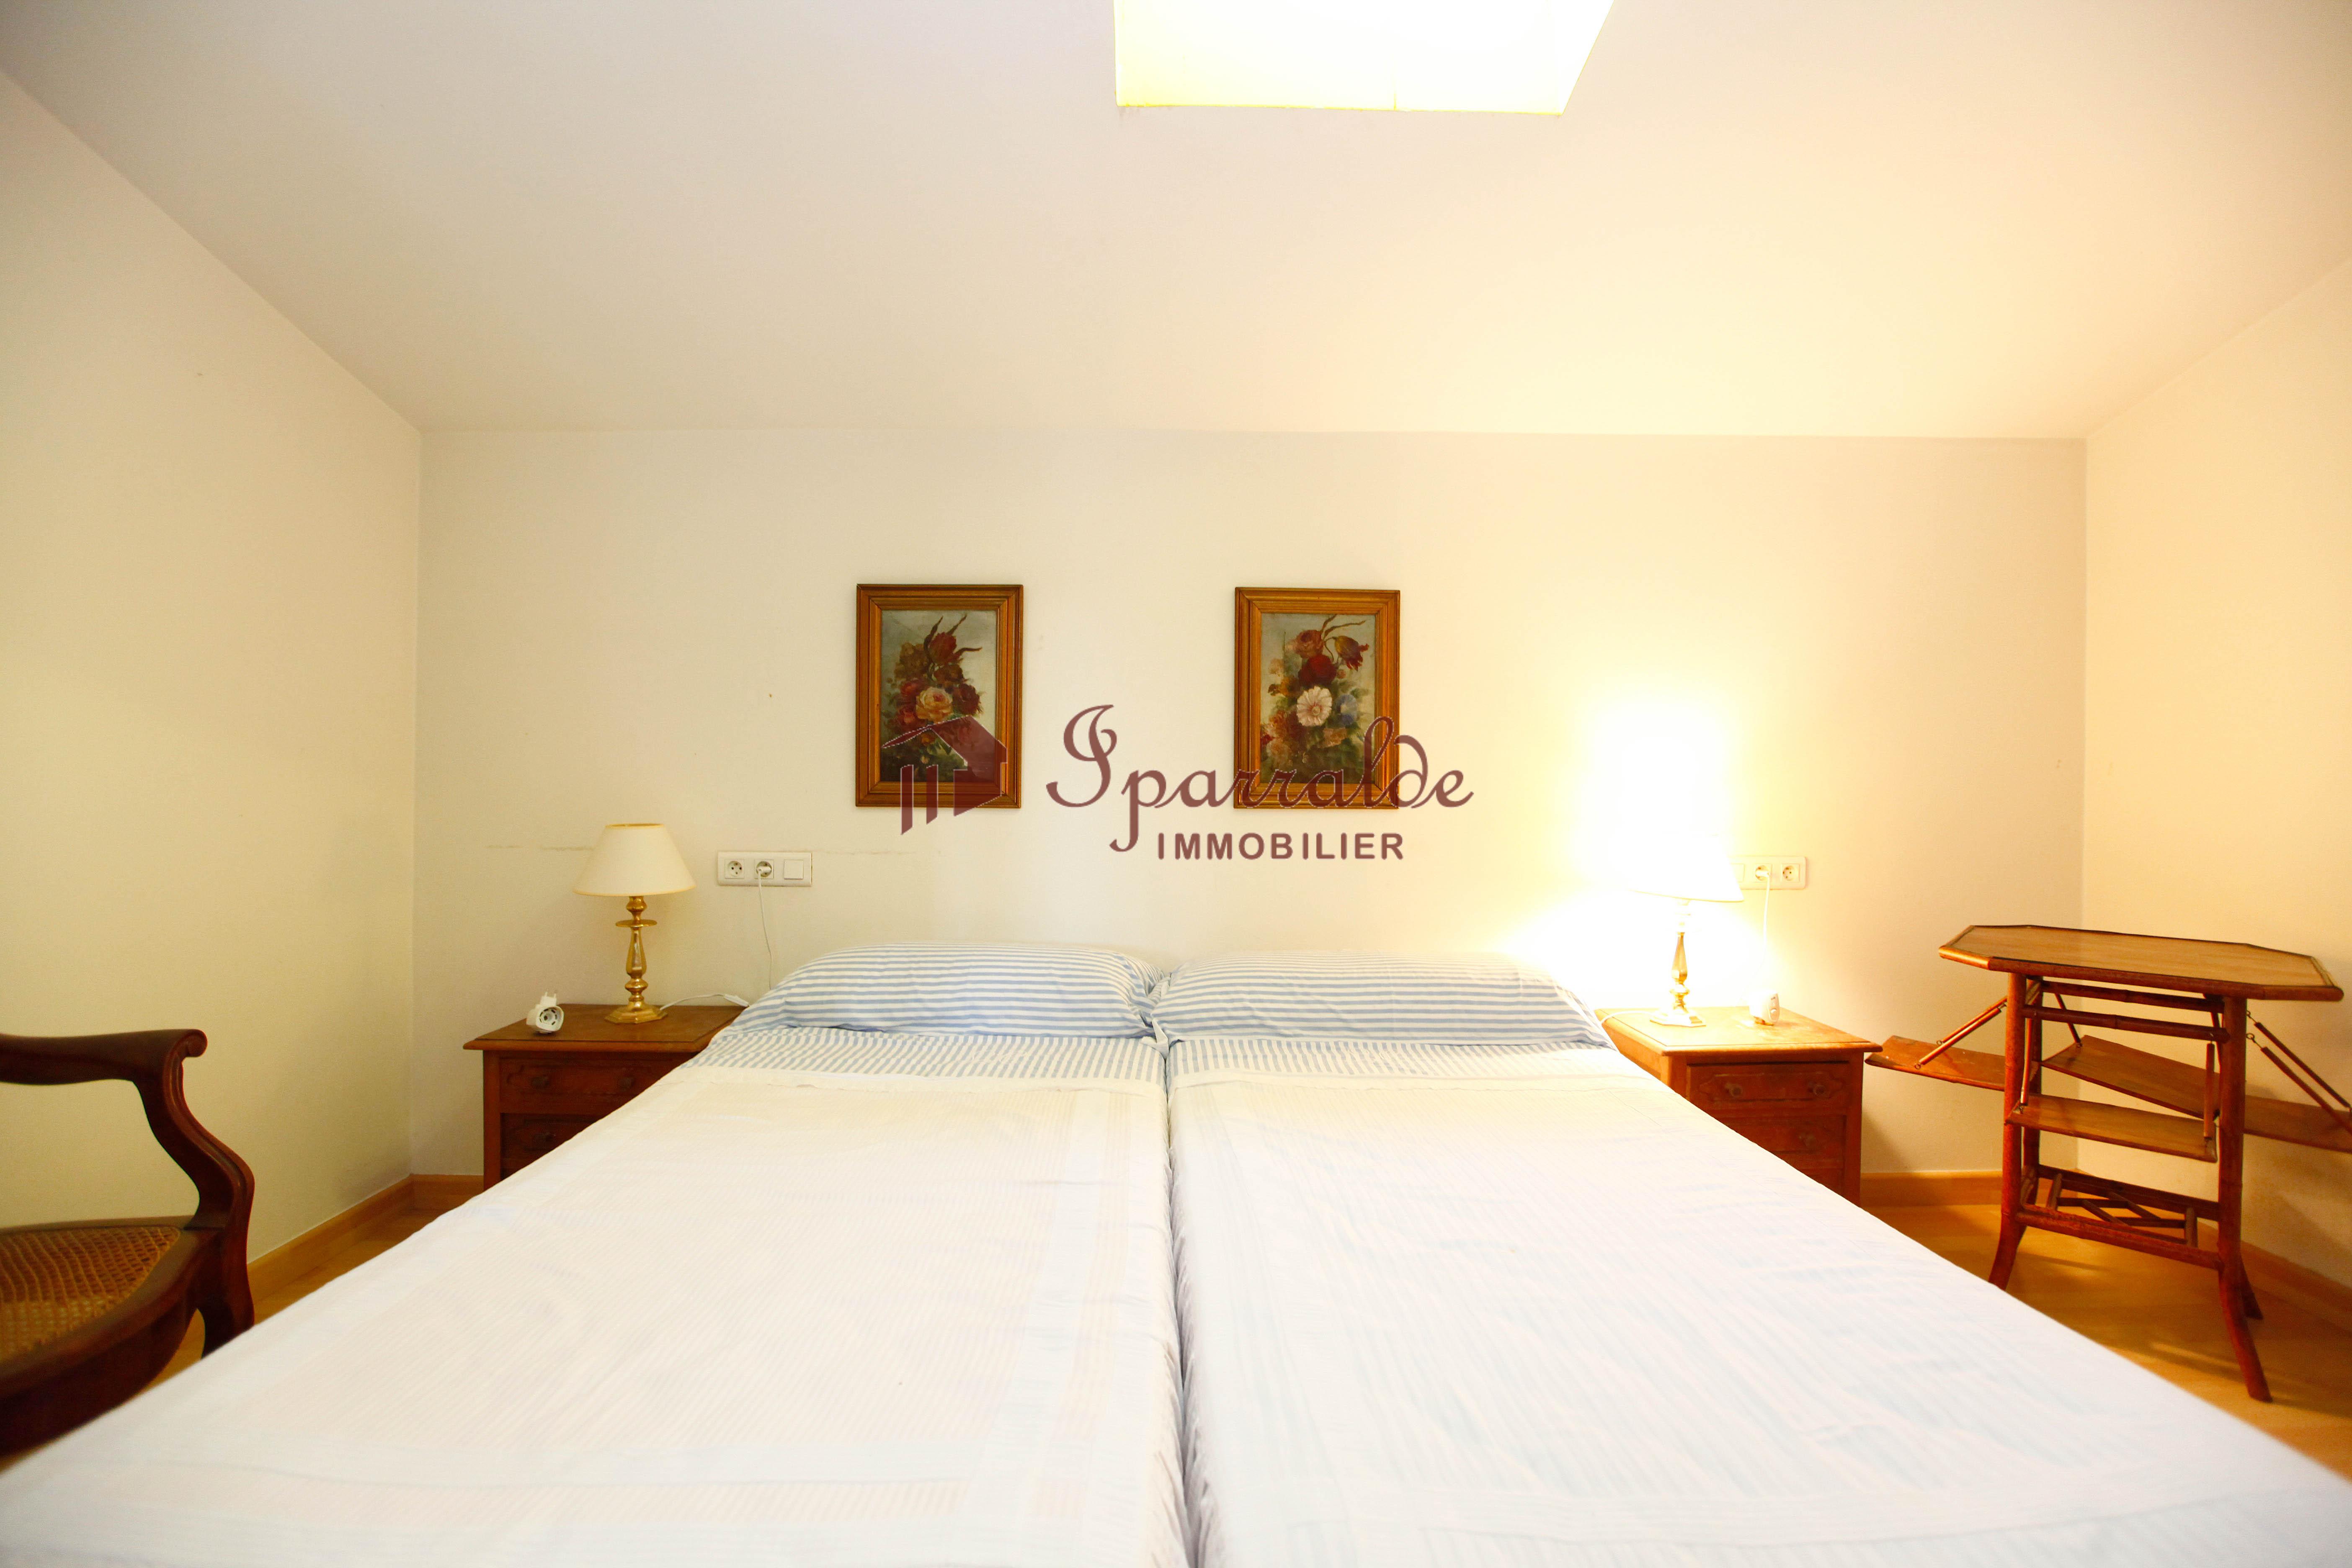 Merveilleux appartement de 100 m2 en duplex avec des vues imprenables.